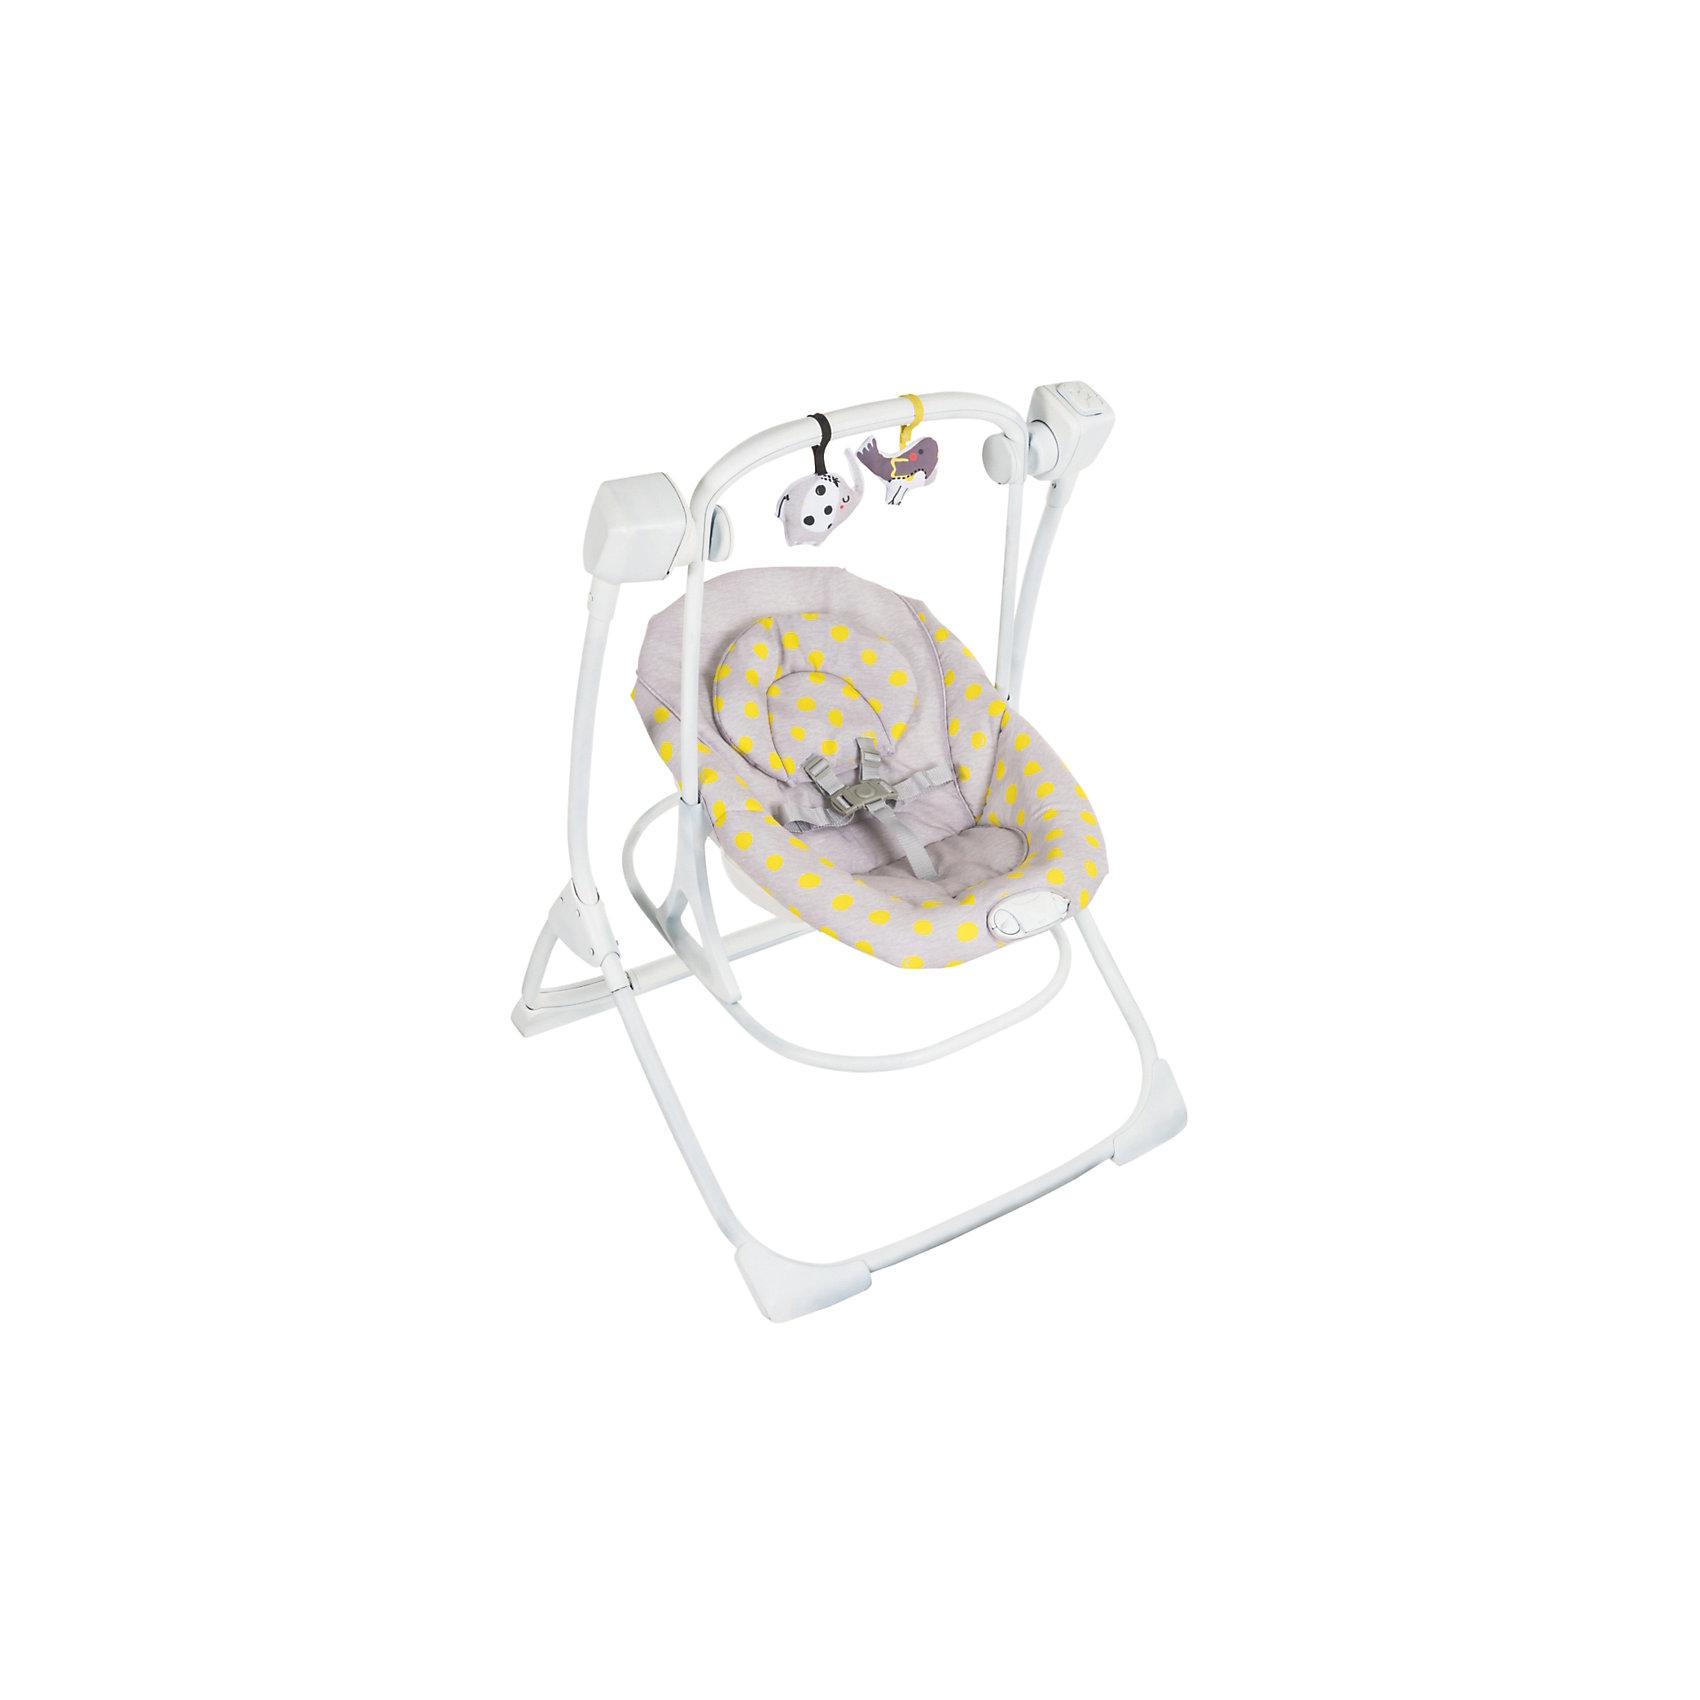 Электрокачели 2 в 1 Cozy Duet, Graco, бежевыйКачели электронные<br>Характеристики:<br><br>• 4 скорости качания;<br>• 2 типа вибрации;<br>• наклон спинки регулируется в 2-х положениях;<br>• 5-ти точечные ремни безопасности;<br>• дуга со съемными игрушками;<br>• звуковое сопровождение: мелодии, звуки природы;<br>• допустимая нагрузка: до 9 кг;<br>• качели работают от сети;<br>• размер электрокачелей: 86х70х96 см;<br>• вес:  7,6 кг;<br>• размер упаковки: 66х19х73 см.<br><br>Электрокачели Cozy Duet используются с первых дней жизни малыша. Регулируется наклон спинки, настраивается скорость качания и тип вибрации. Мягкая обивка электрокачелей не вызывает аллергической реакции даже у малышей с чувствительной кожей. <br><br>Электрокачели 2 в 1 Cozy Duet, Graco, бежевый можно купить в нашем интернет-магазине.<br><br>Ширина мм: 660<br>Глубина мм: 190<br>Высота мм: 730<br>Вес г: 9550<br>Возраст от месяцев: 0<br>Возраст до месяцев: 12<br>Пол: Унисекс<br>Возраст: Детский<br>SKU: 6757378